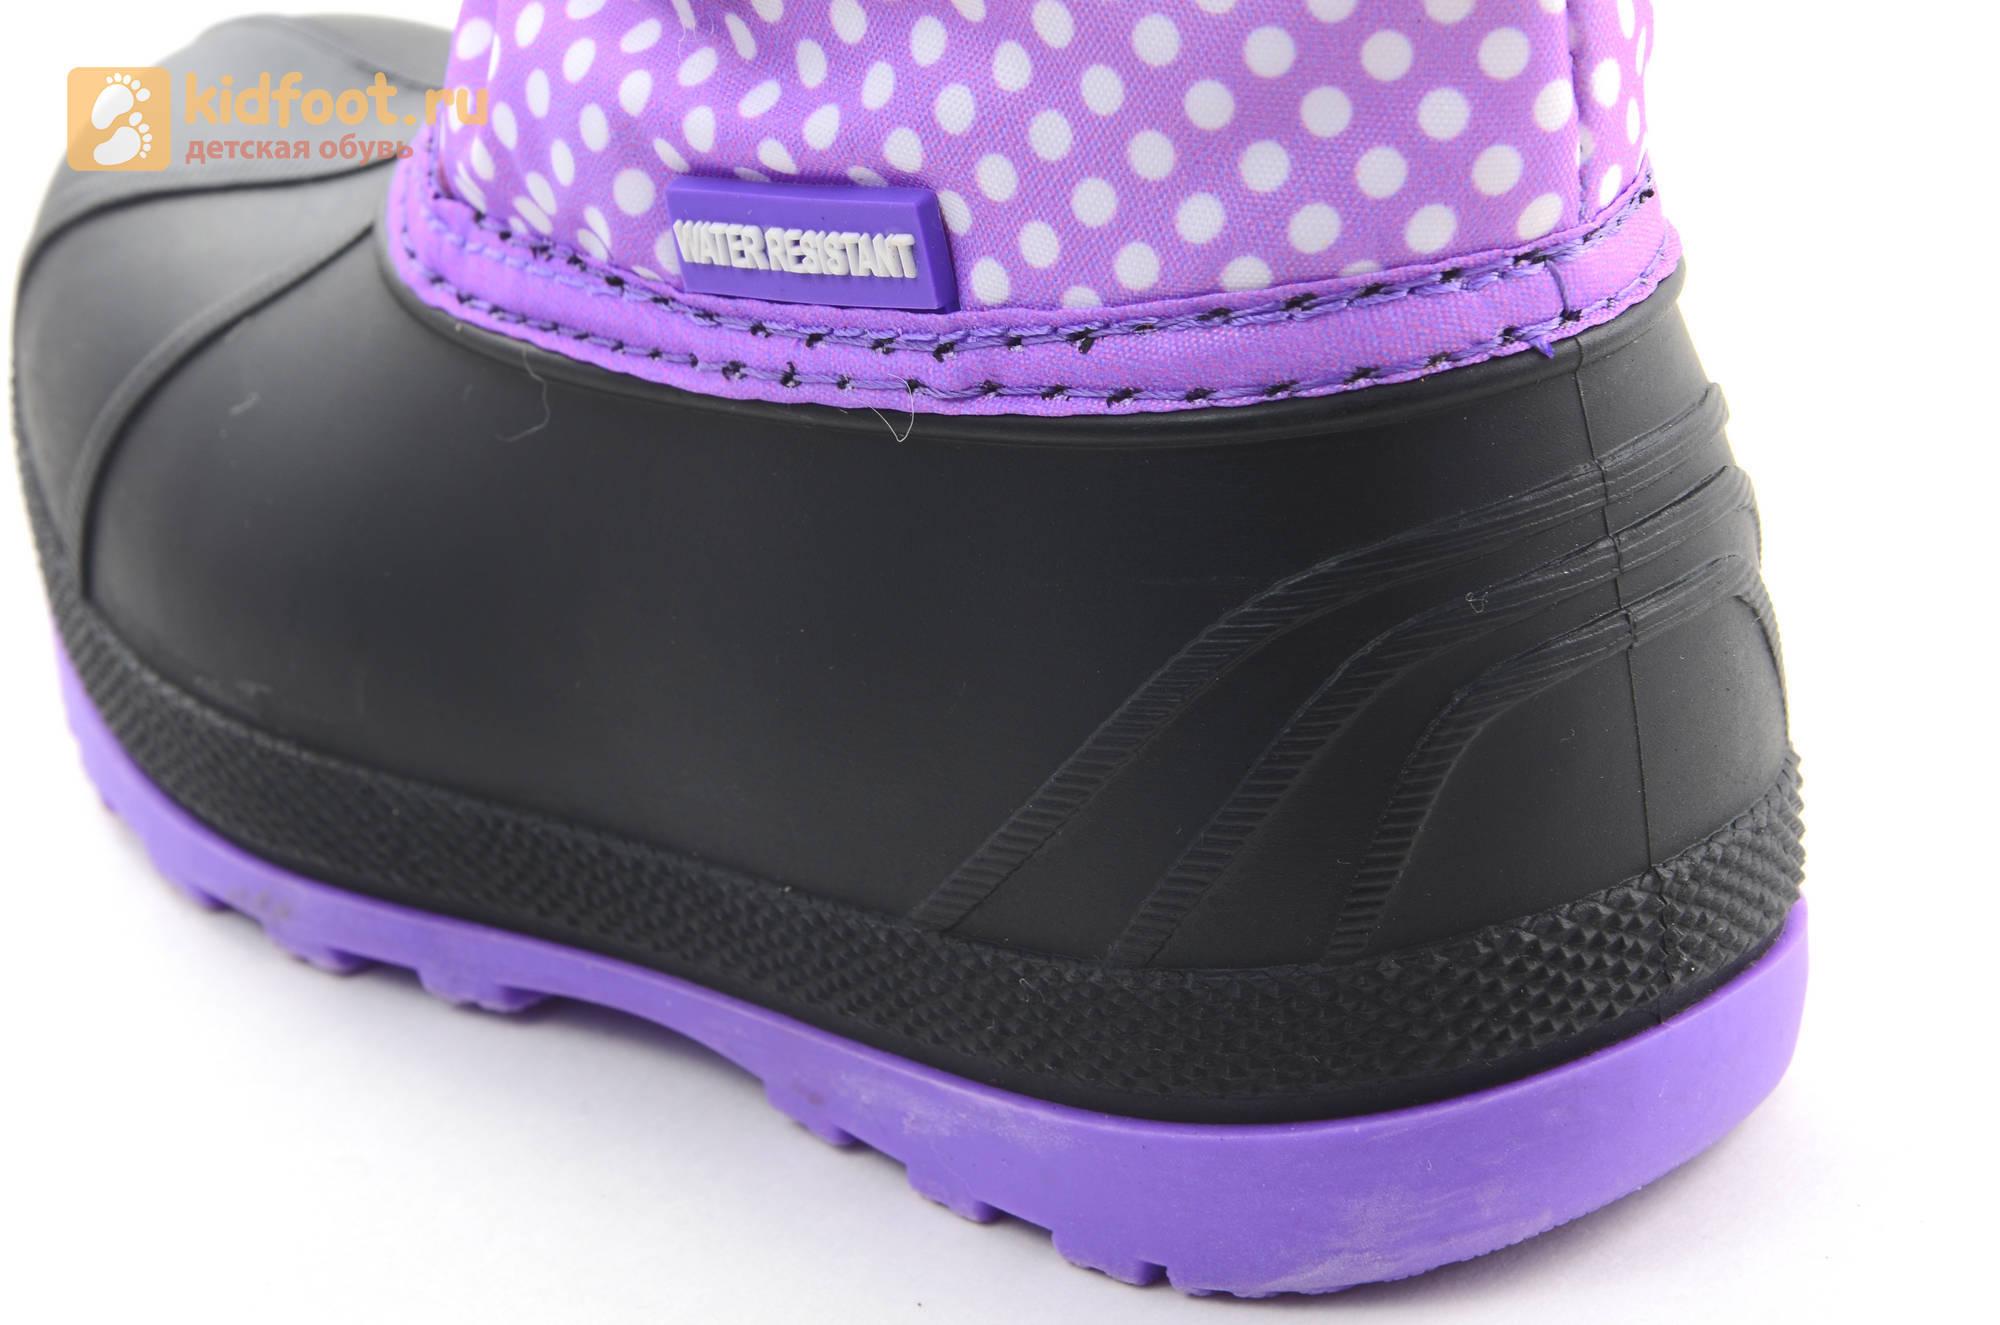 Зимние сапоги для девочек непромокаемые с резиновой галошей Пони (My little Pony), цвет сиреневый, Water Resistant